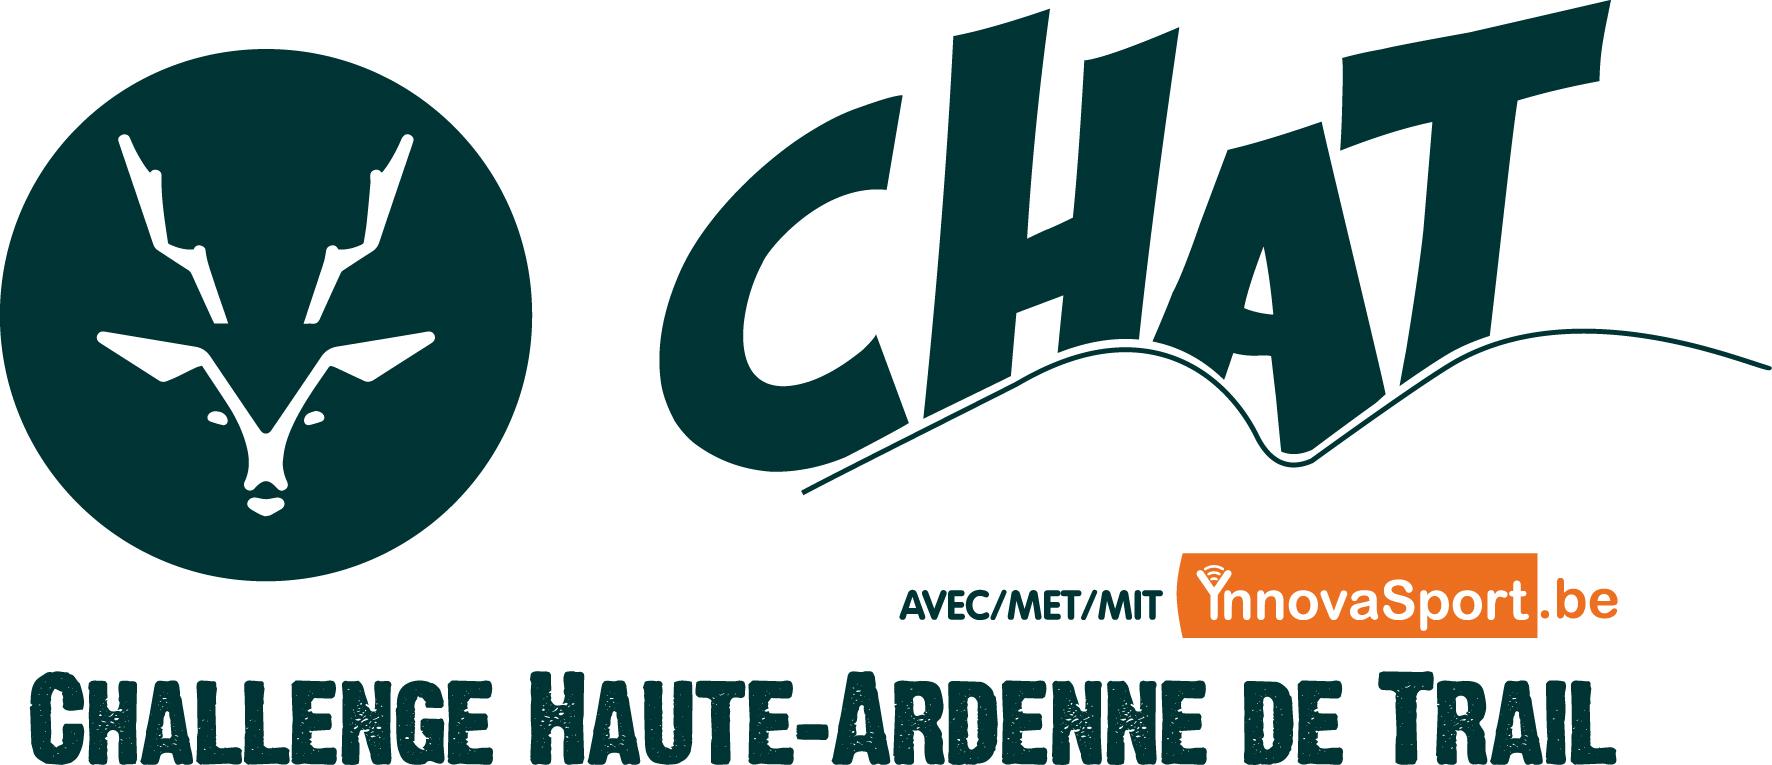 logo_chat_ynnova